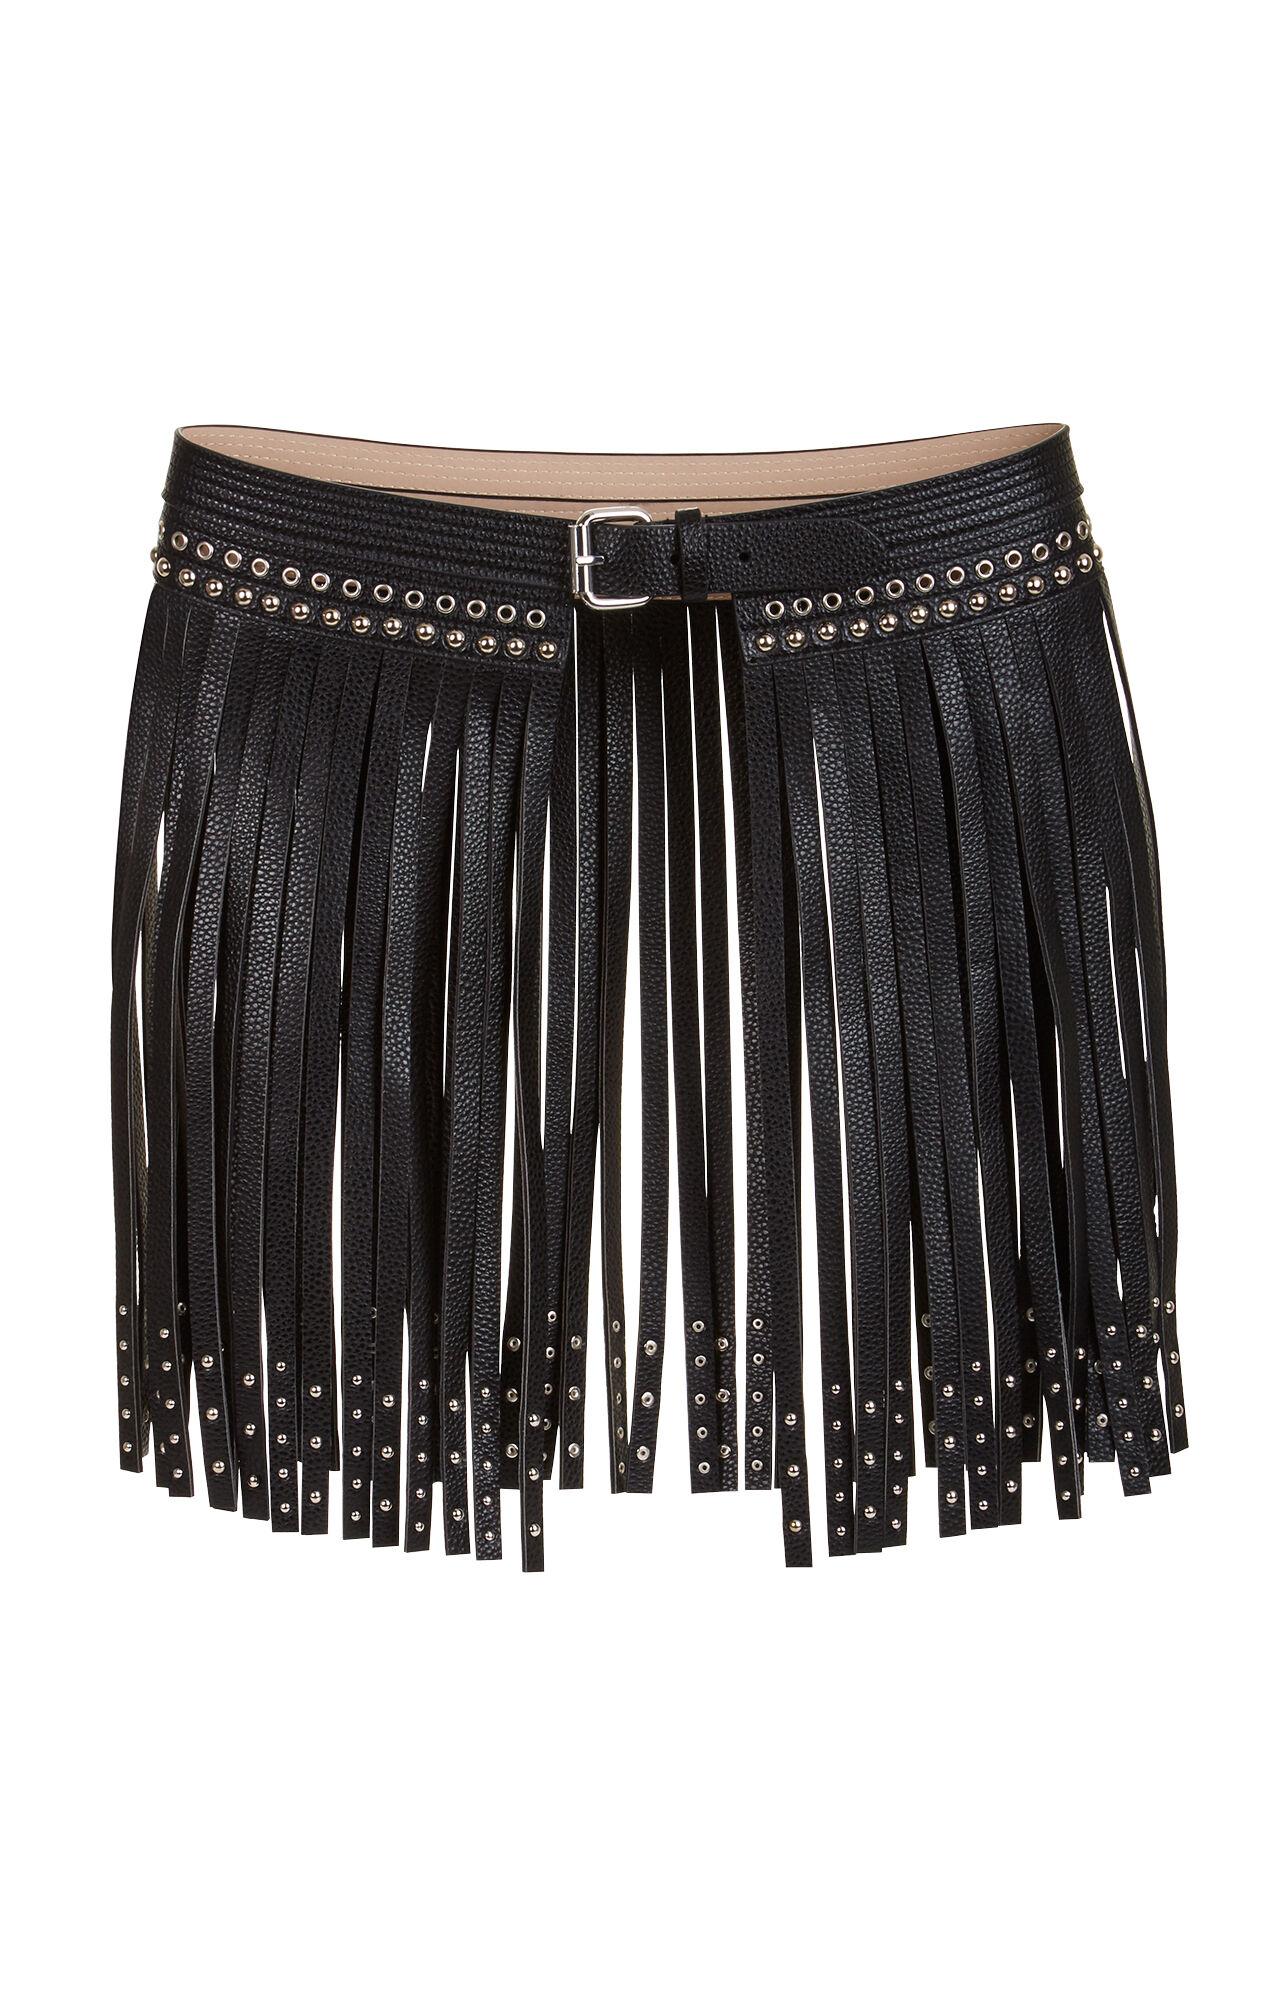 fringe studded faux leather waist belt